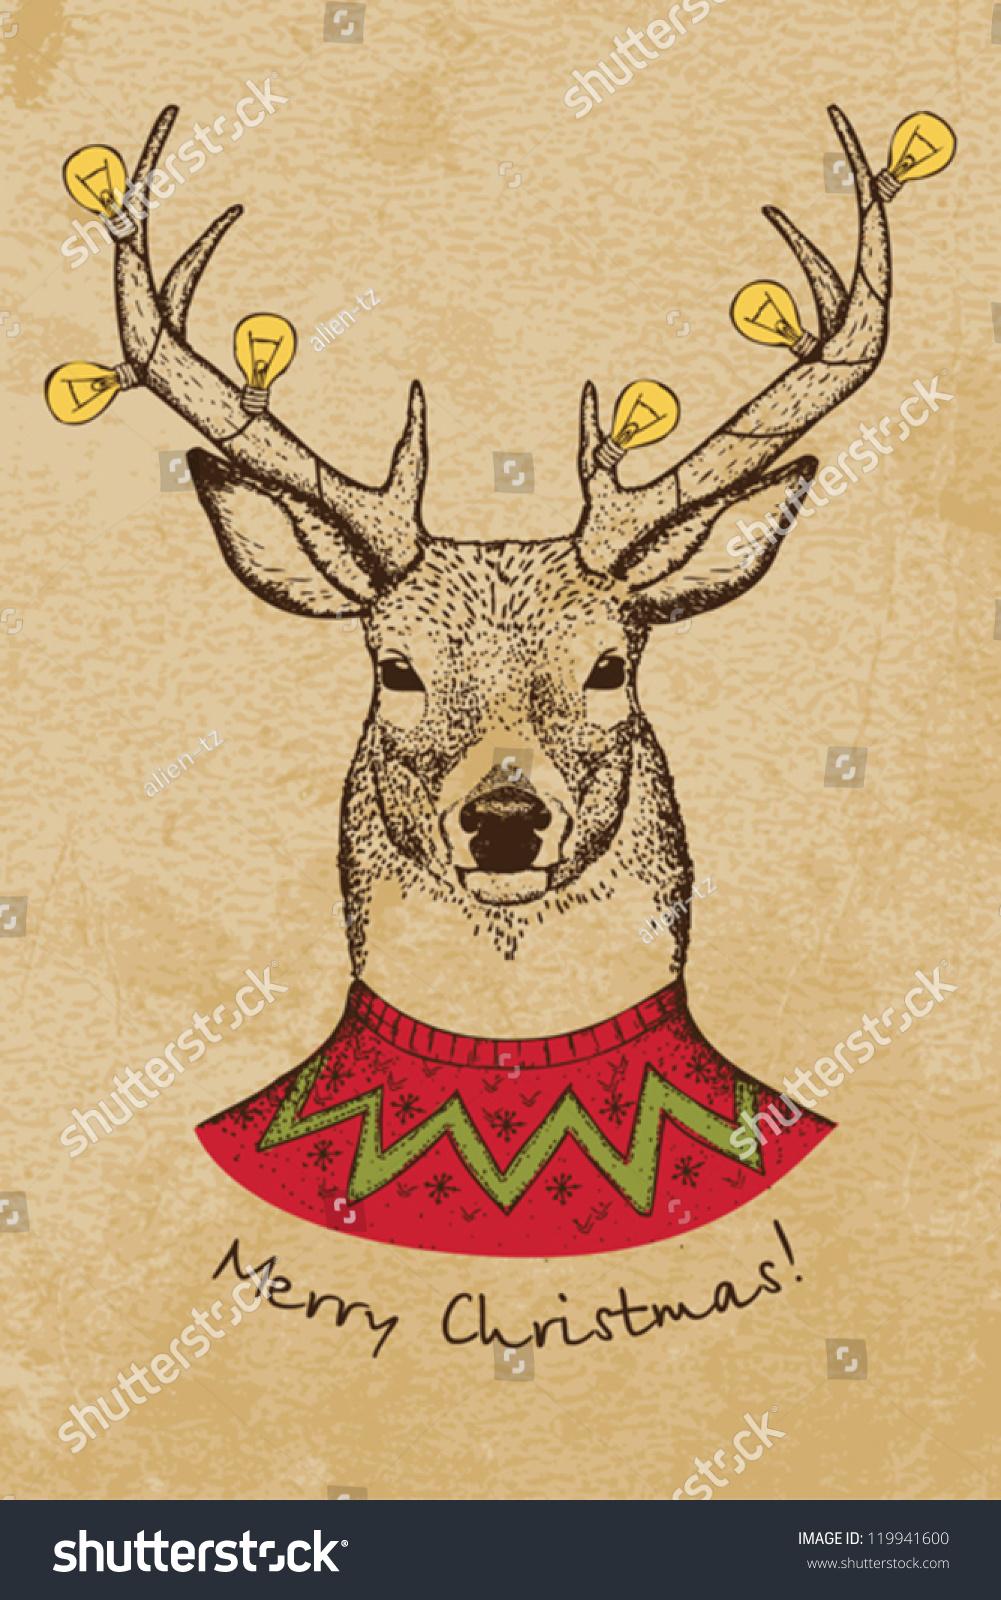 Vintage Christmas Card Deer Stock Vector (Royalty Free